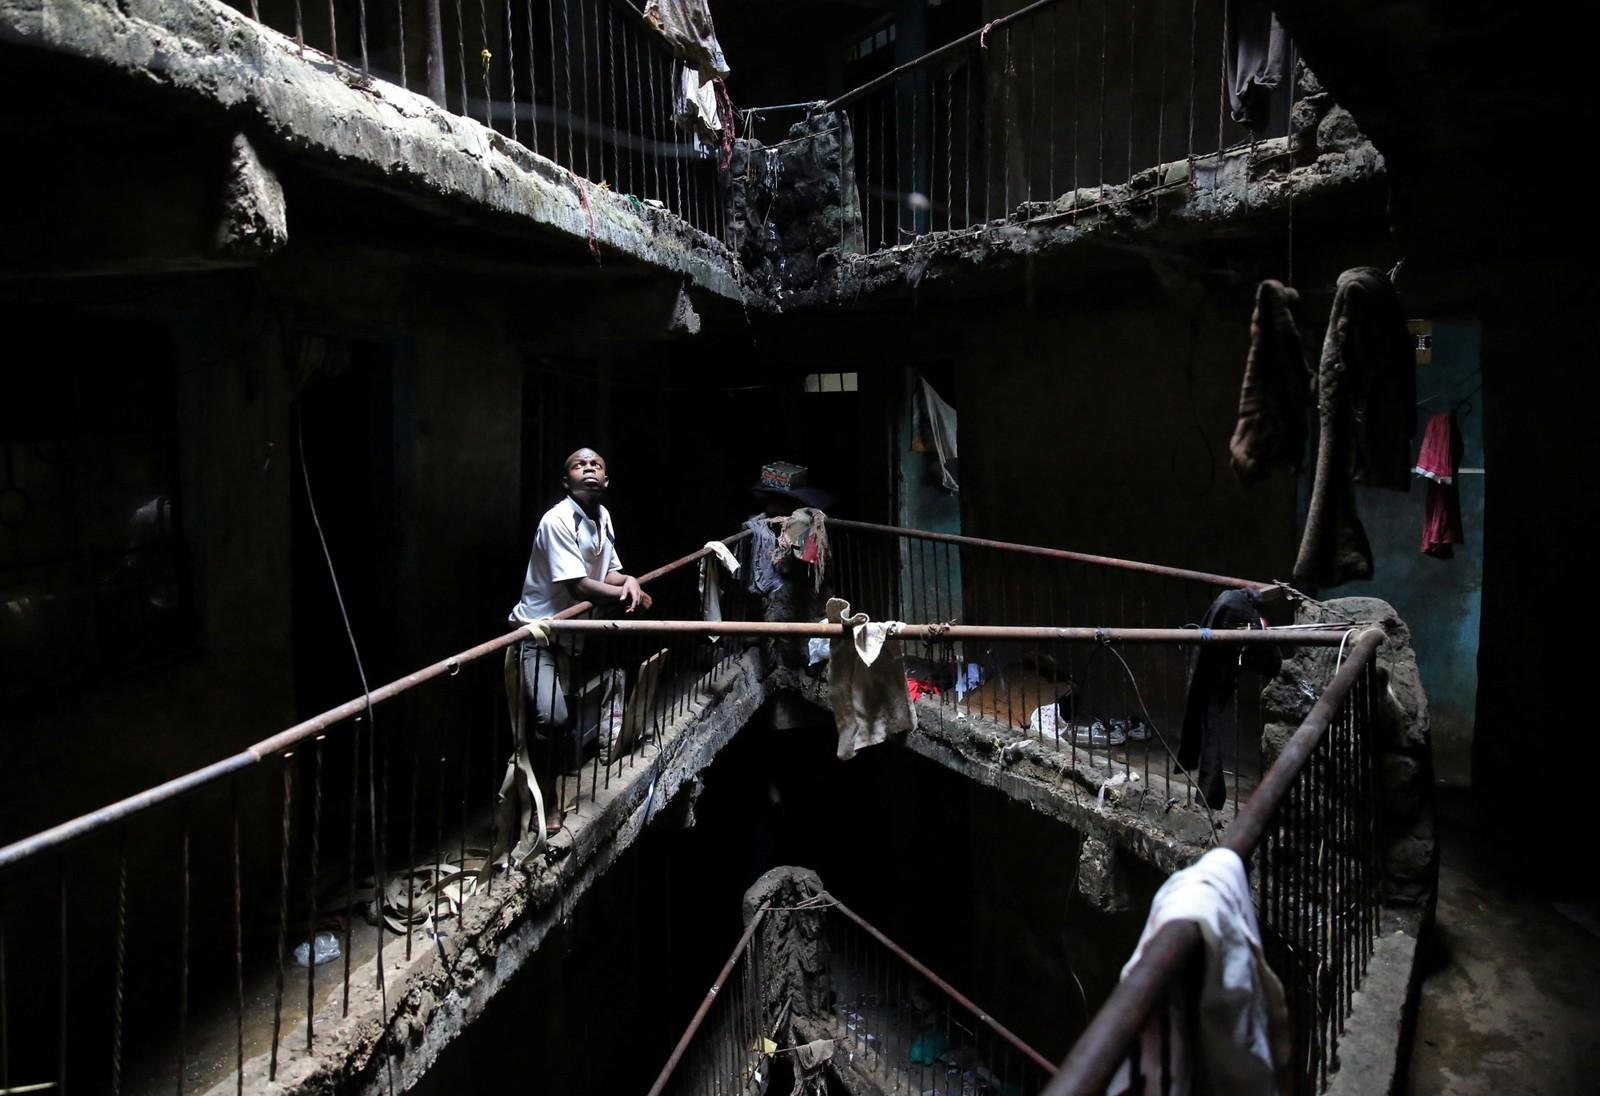 Etter at en bygningskollaps førte til at 51 mennesker mista livet, skal flere dårlig vedlikeholdte bygninger i Nairobi, Kenya rives. Dette er en av dem.